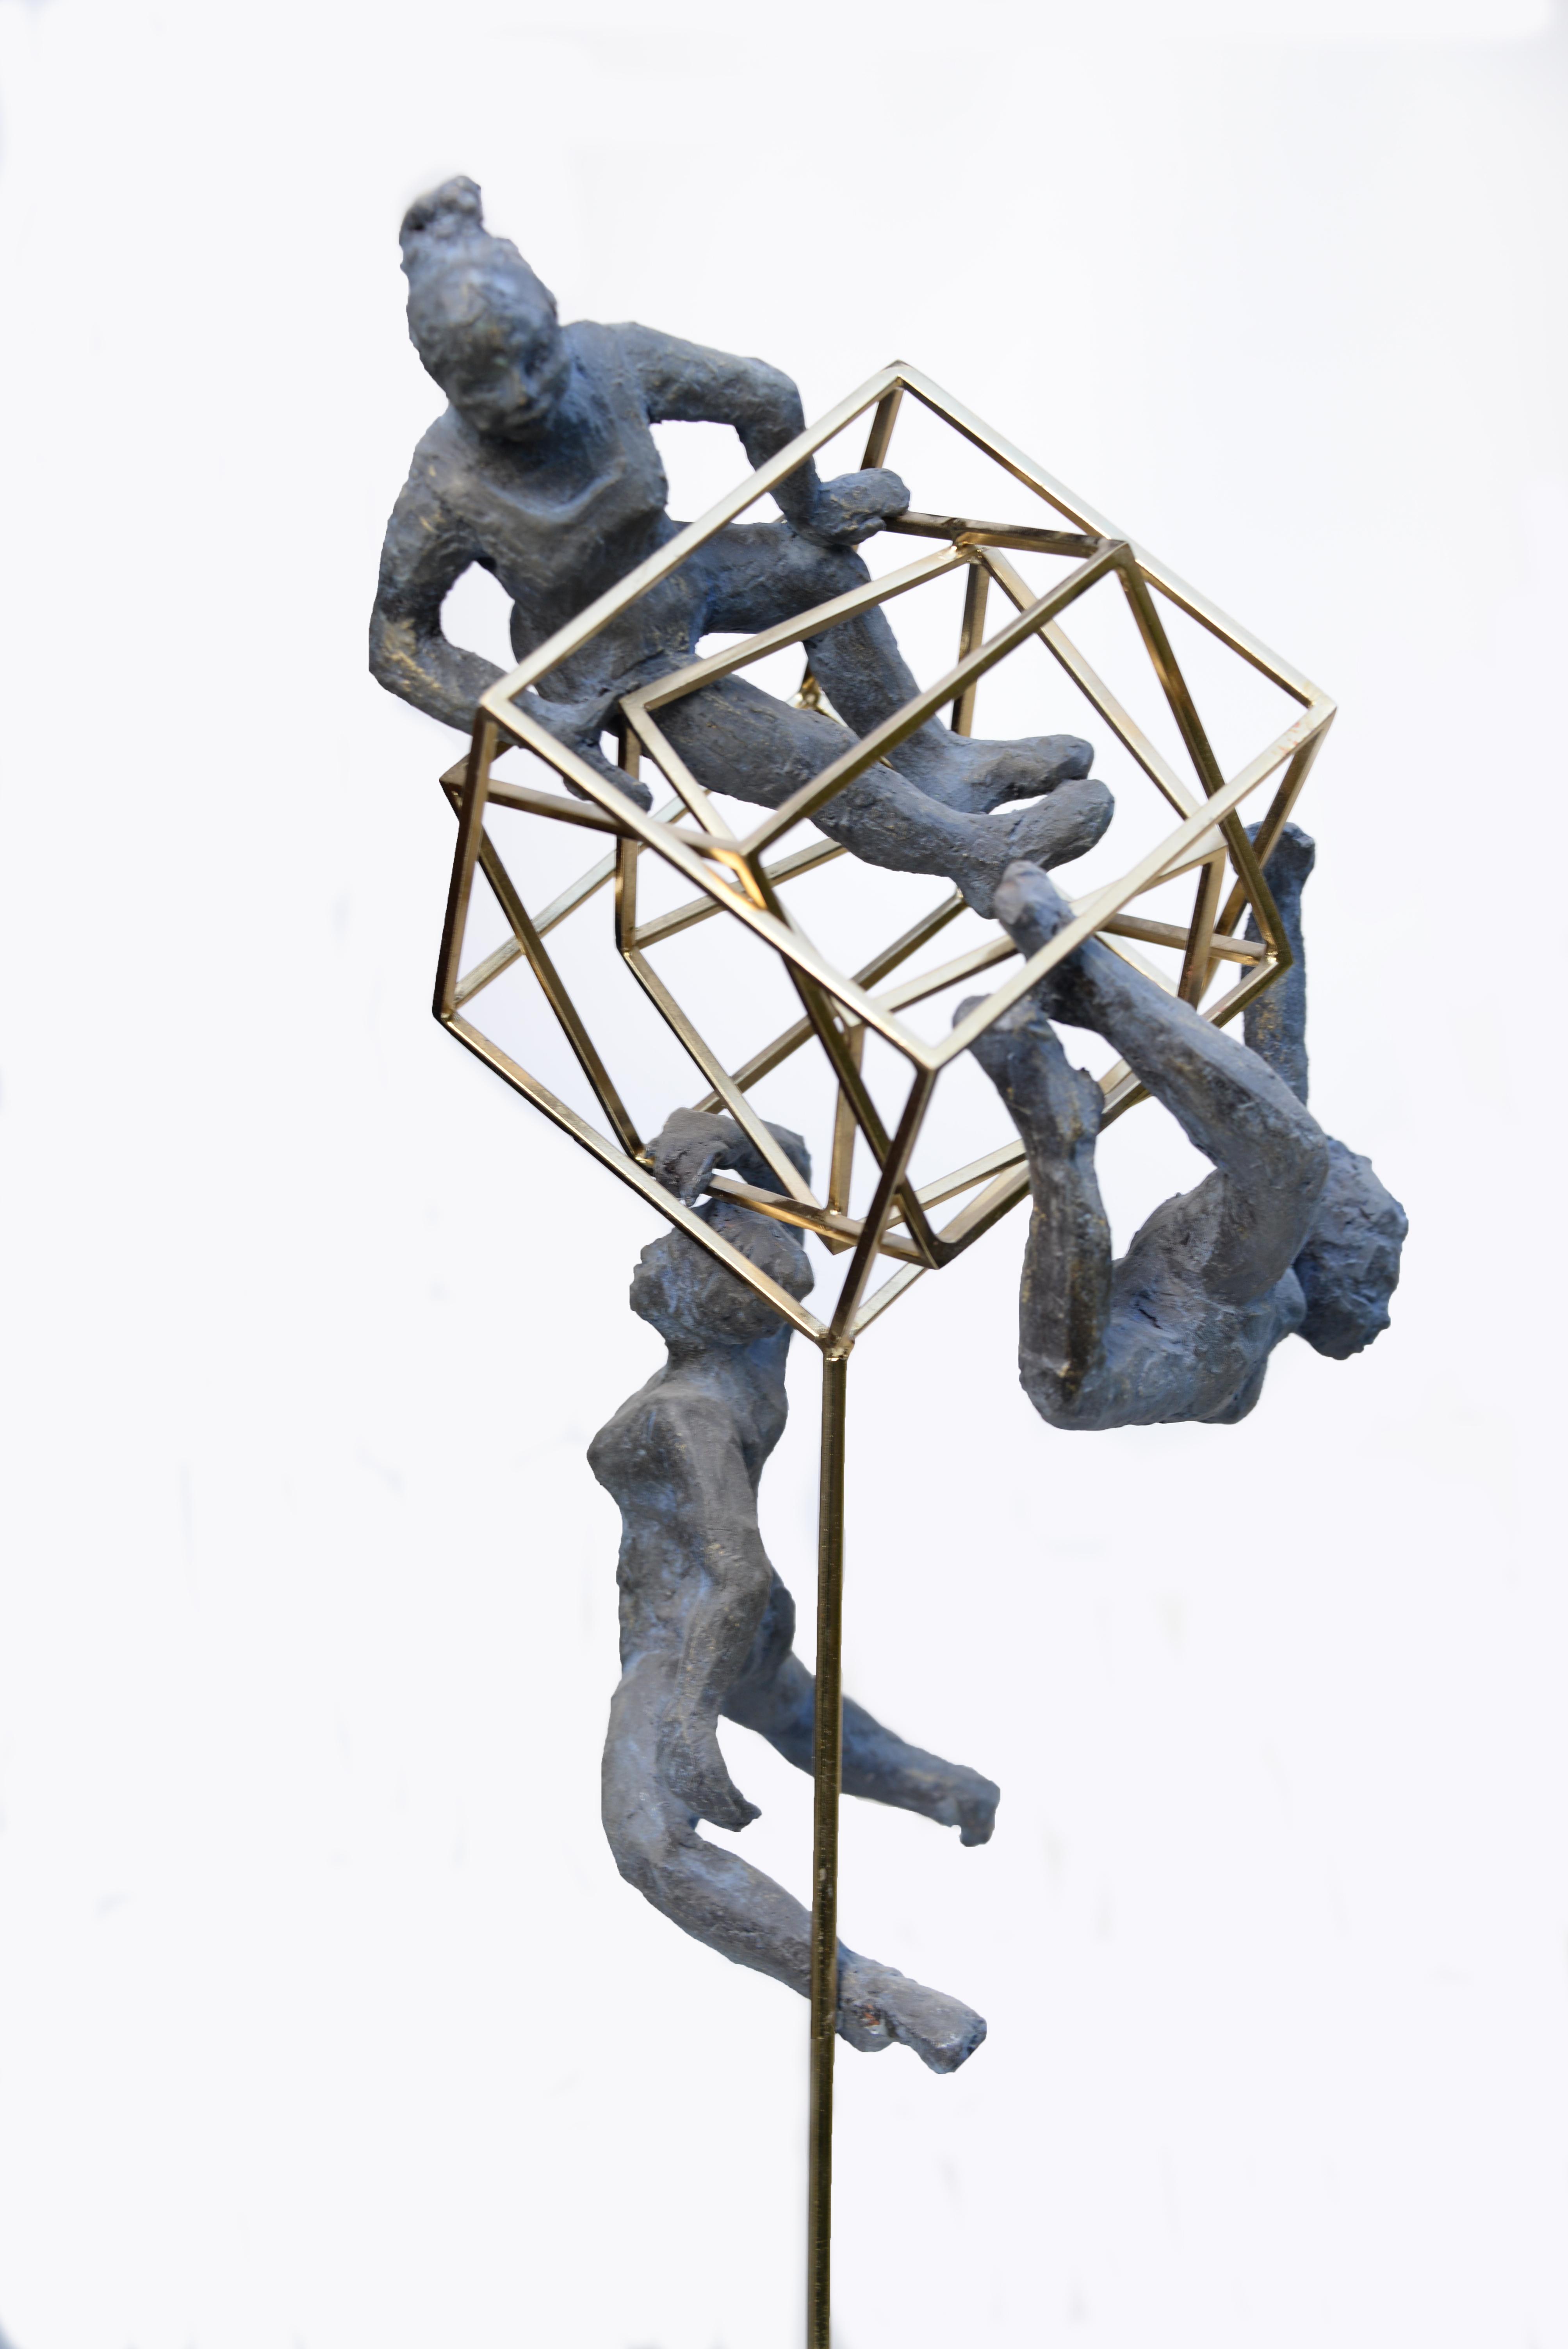 Jeux d'acrobates